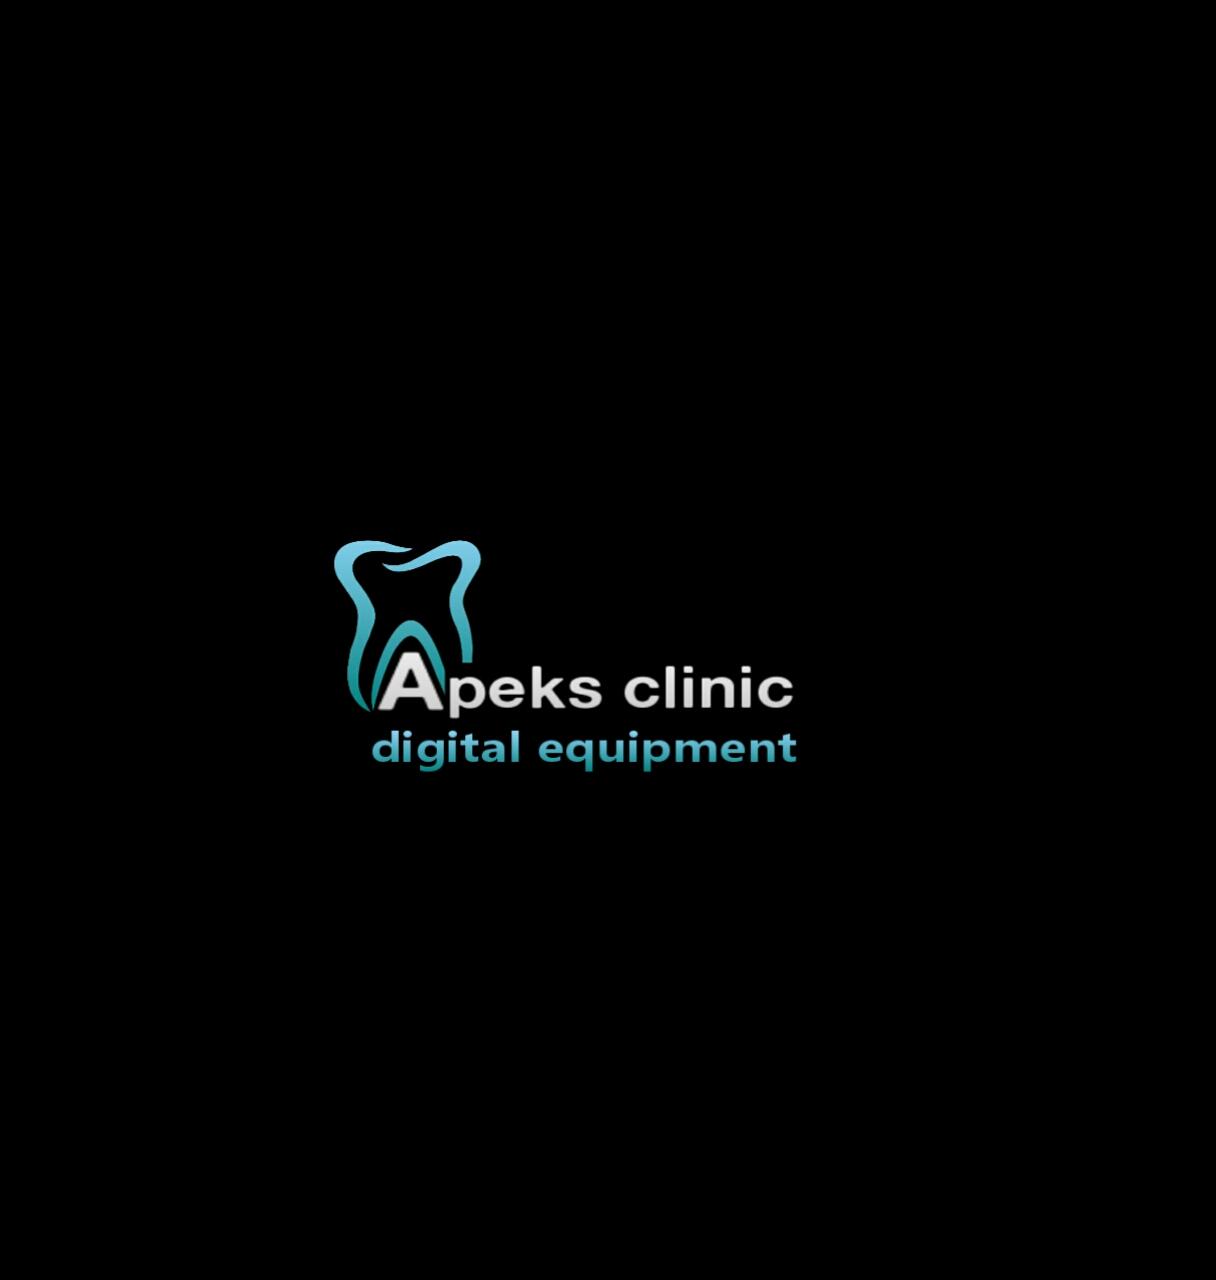 Логотип для стоматологии фото f_4185c8aca32c48ee.jpg